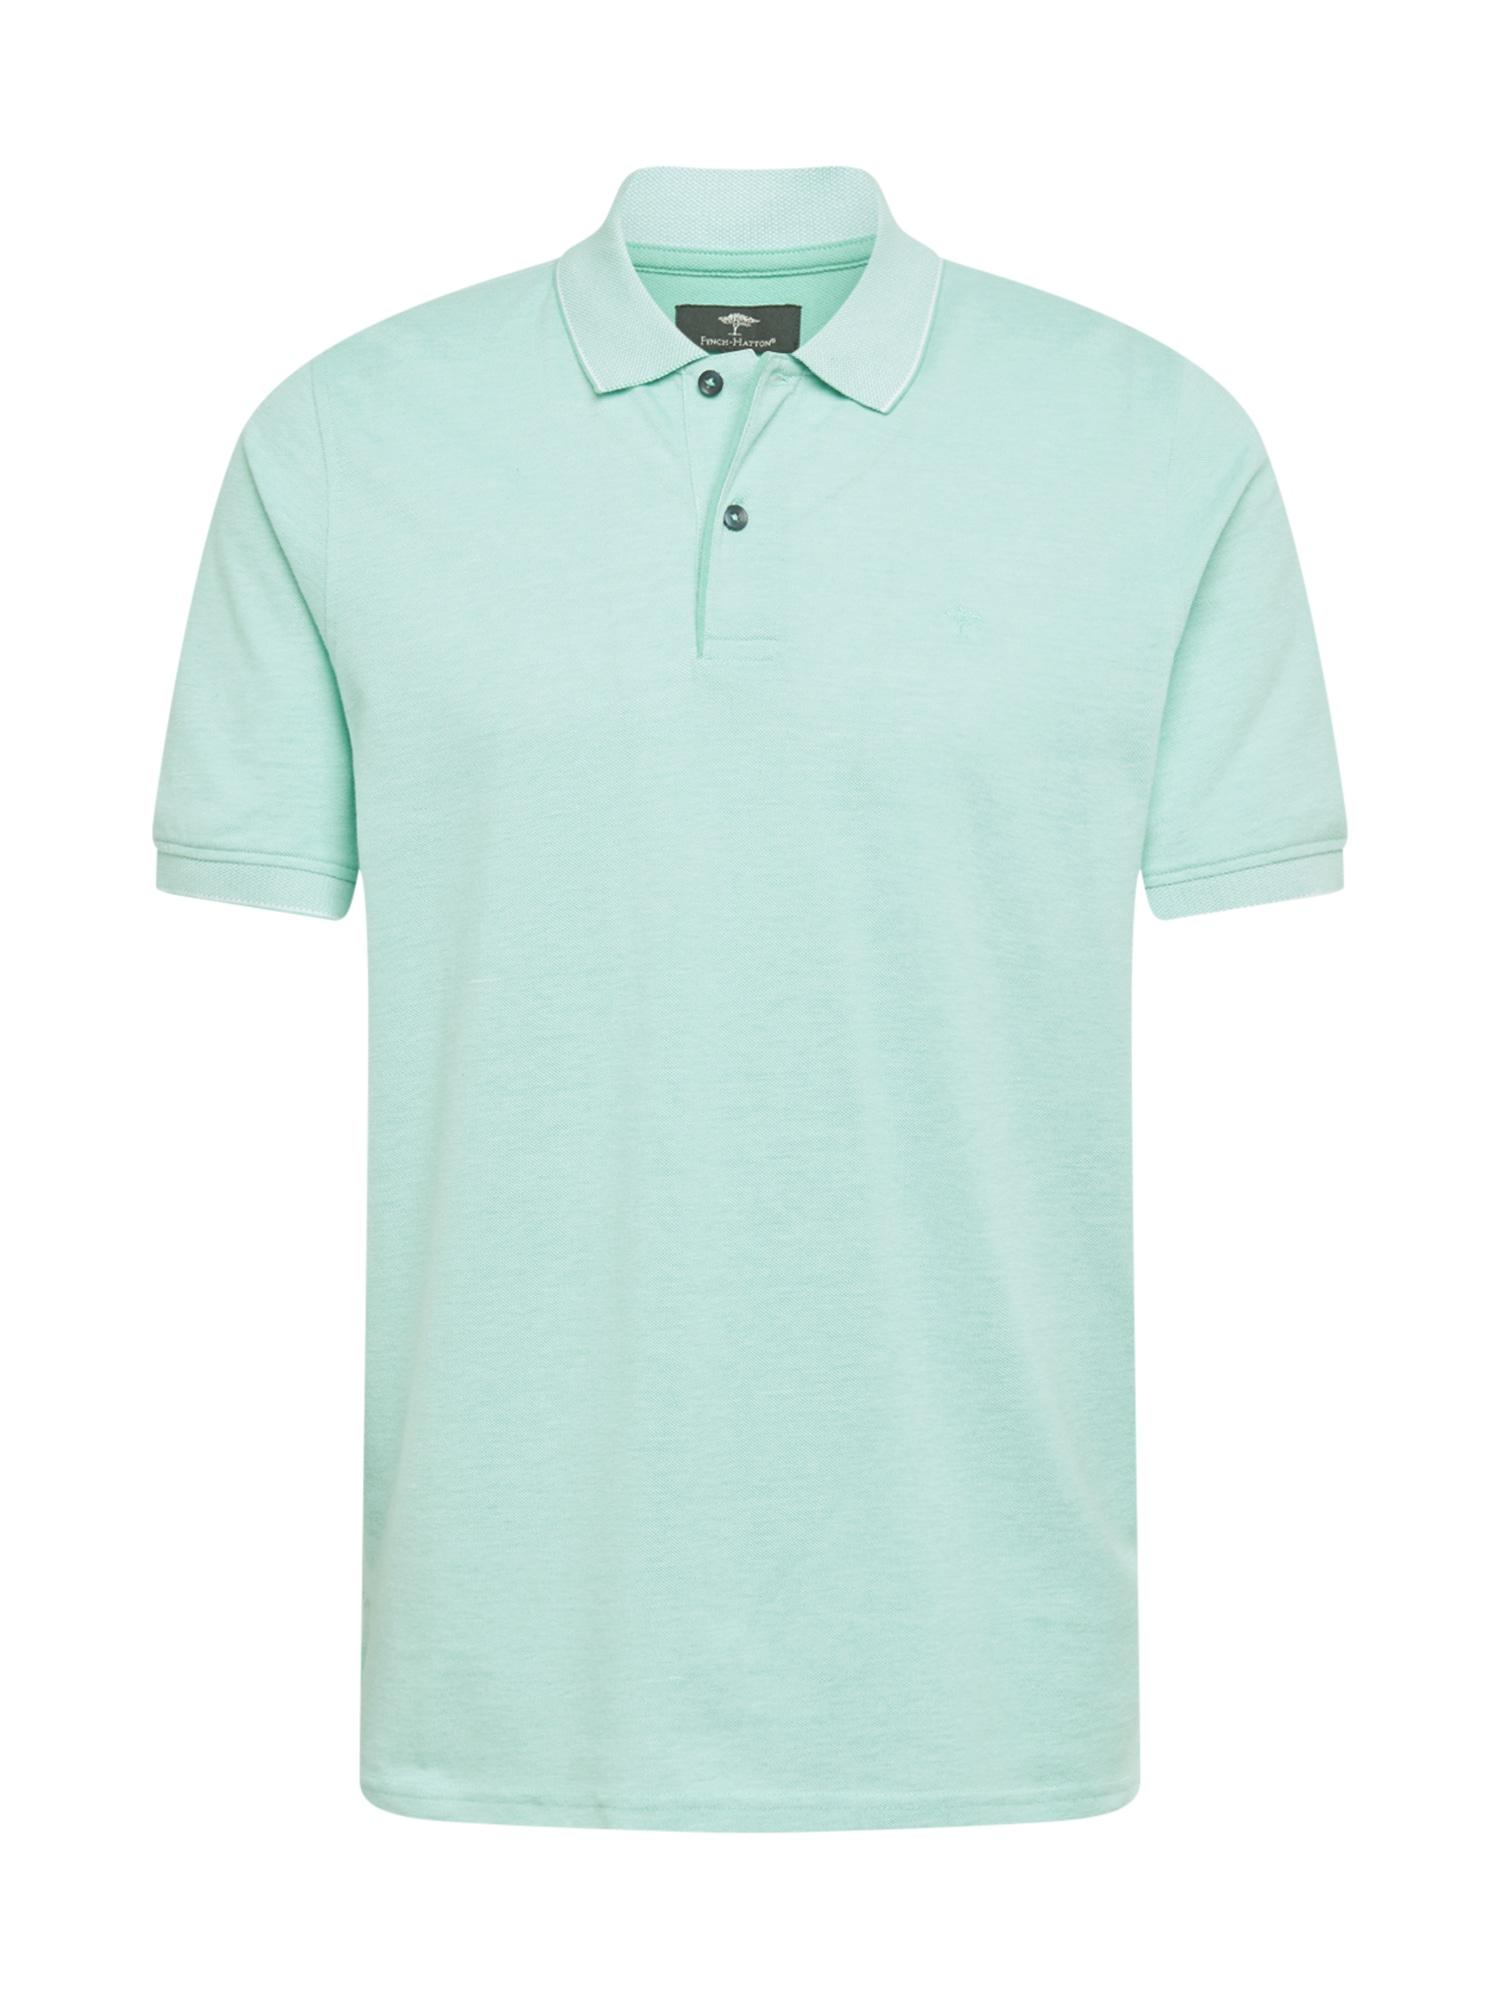 FYNCH-HATTON Marškinėliai mėtų spalva